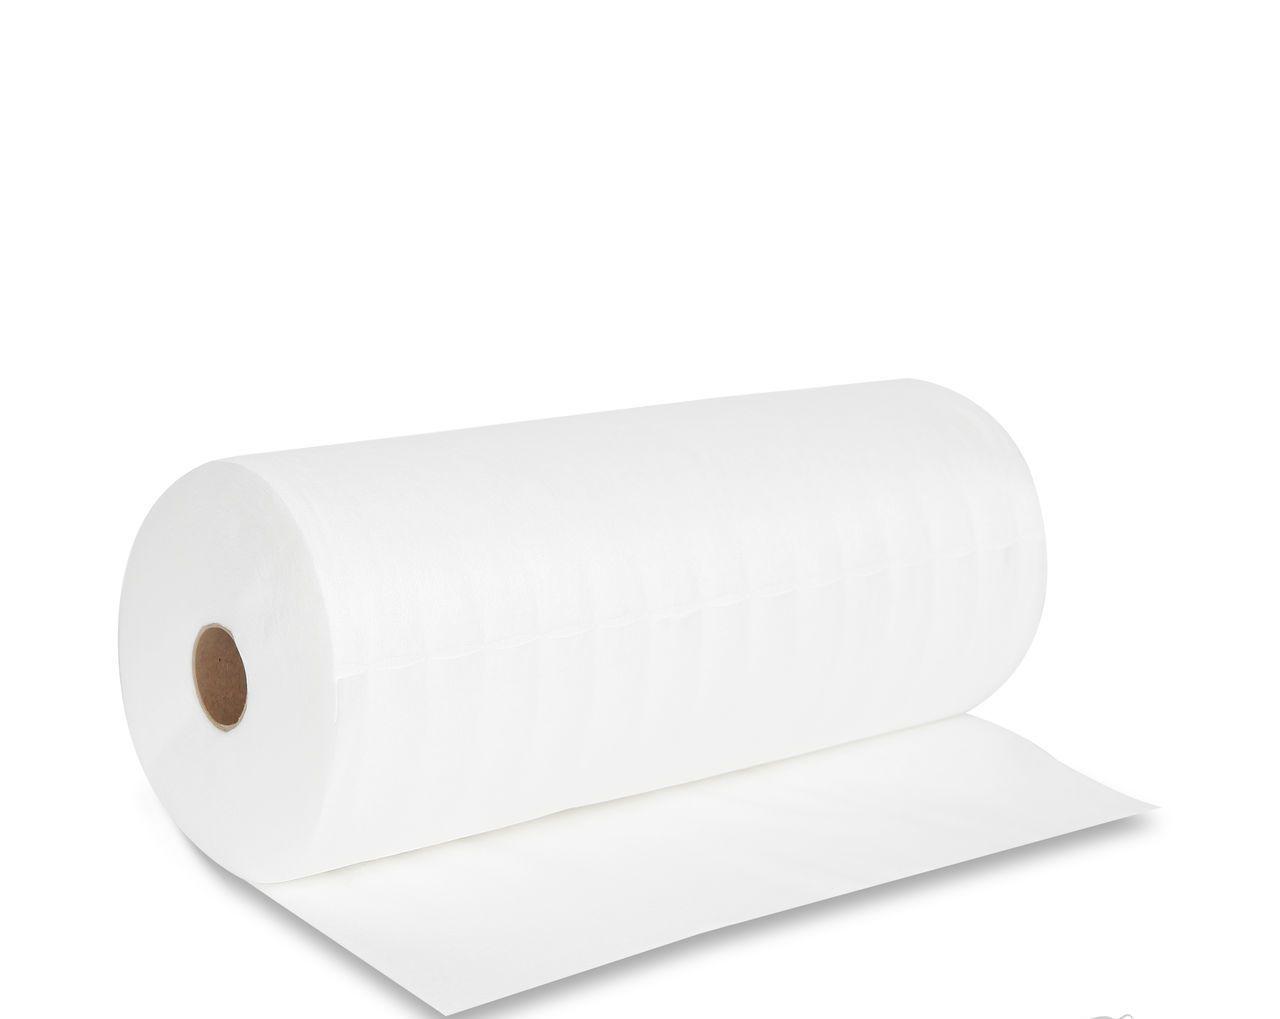 Салфетки одноразовые влаговпитывающие  20 см х 30 см (100 шт. рулон с перфорацией, структура- сетка)